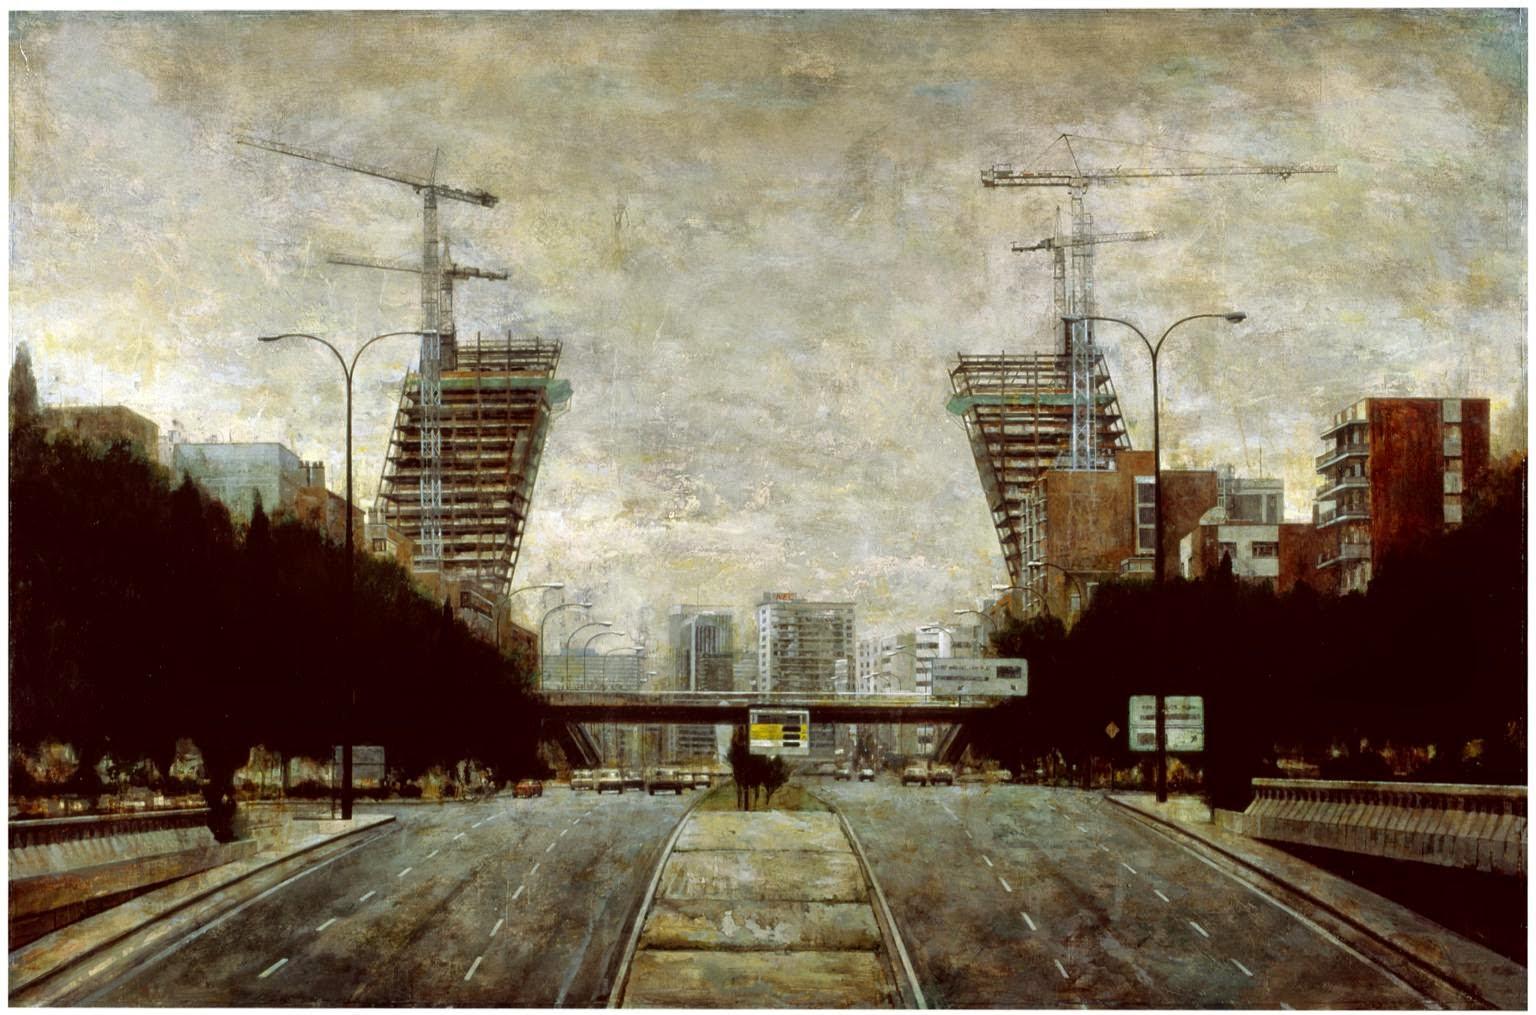 Caminando por madrid las torres inclinadas 2 - Torres kio arquitecto ...